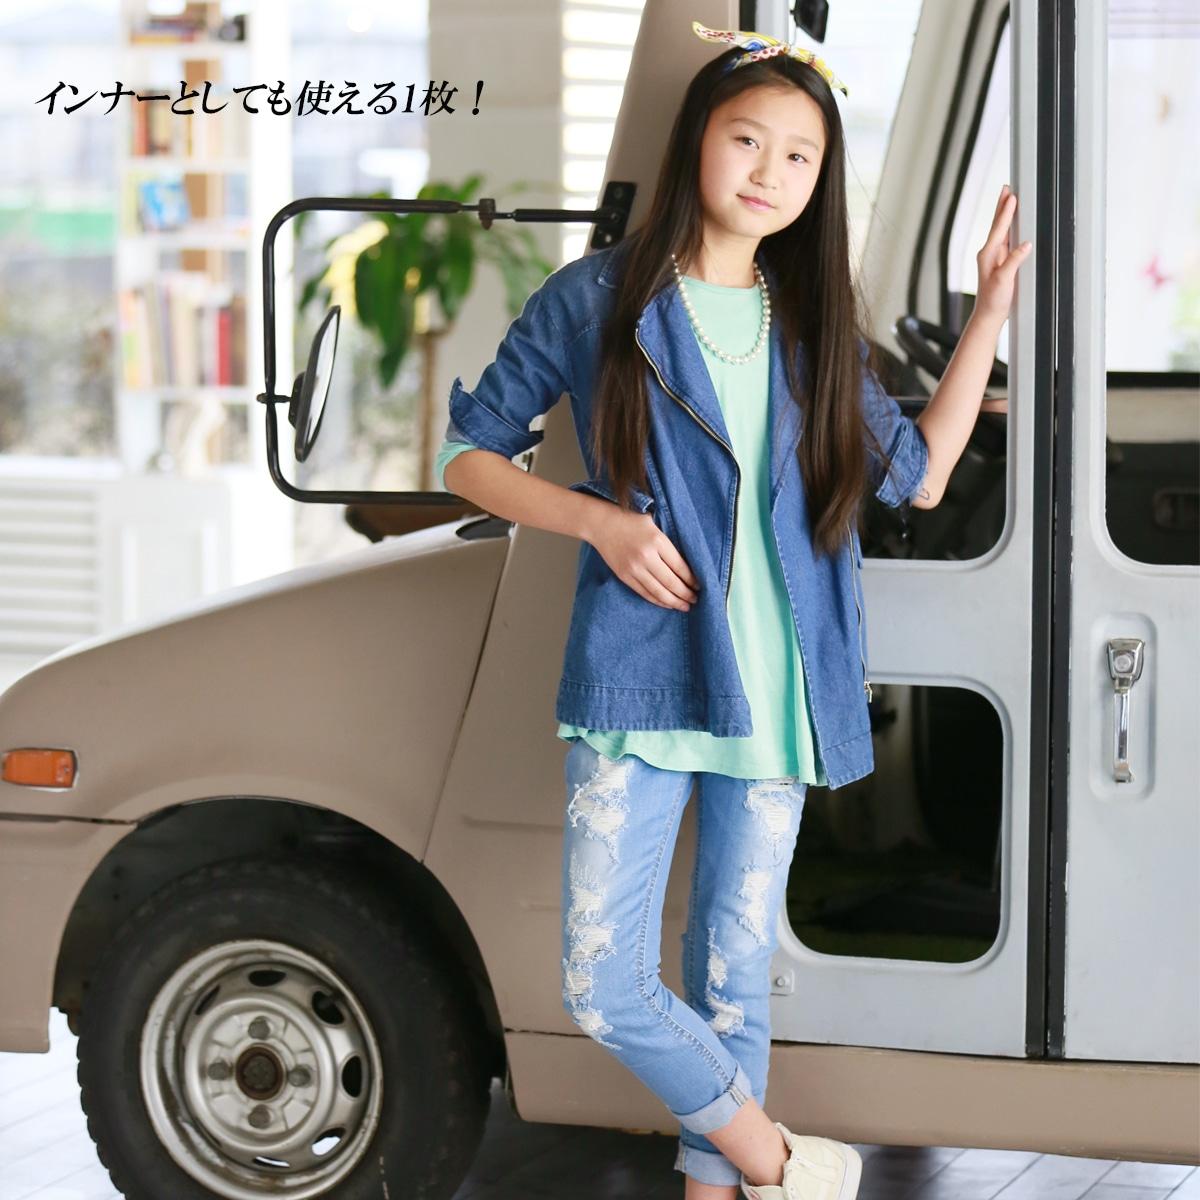 バックリボン トップスを使用したコーディネート 女の子着用イメージ